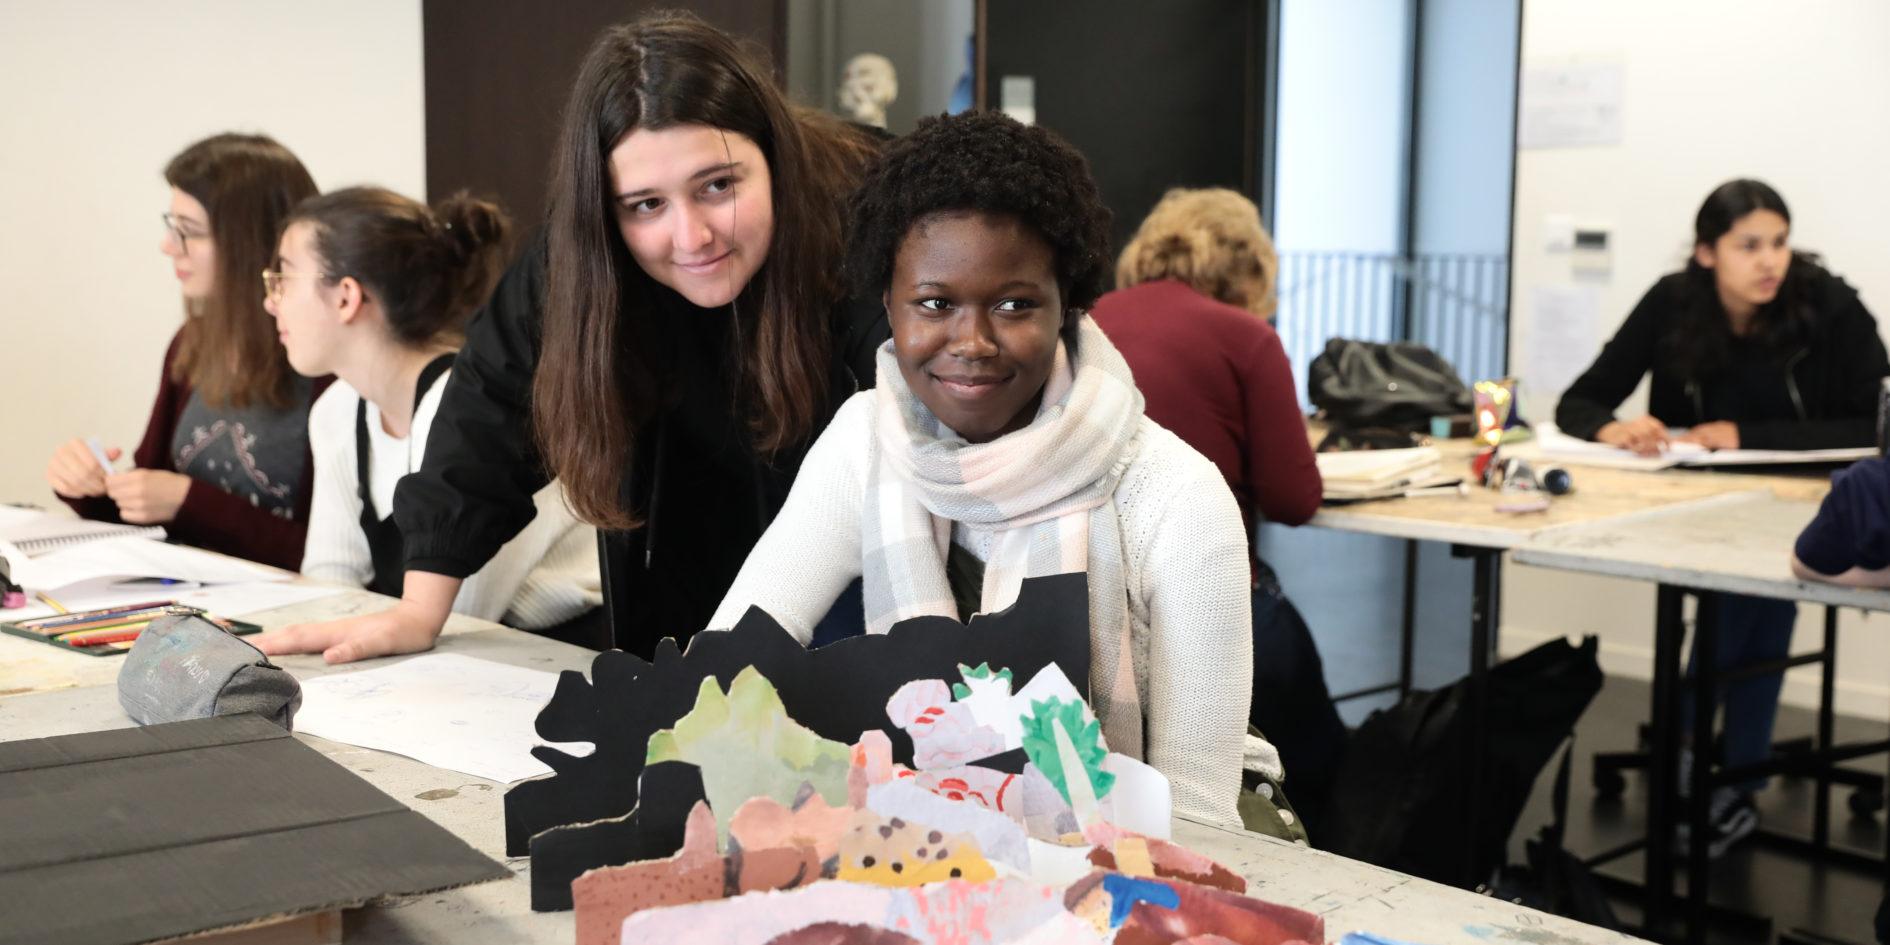 Etudiantes en expression plastique ESMA Toulouse